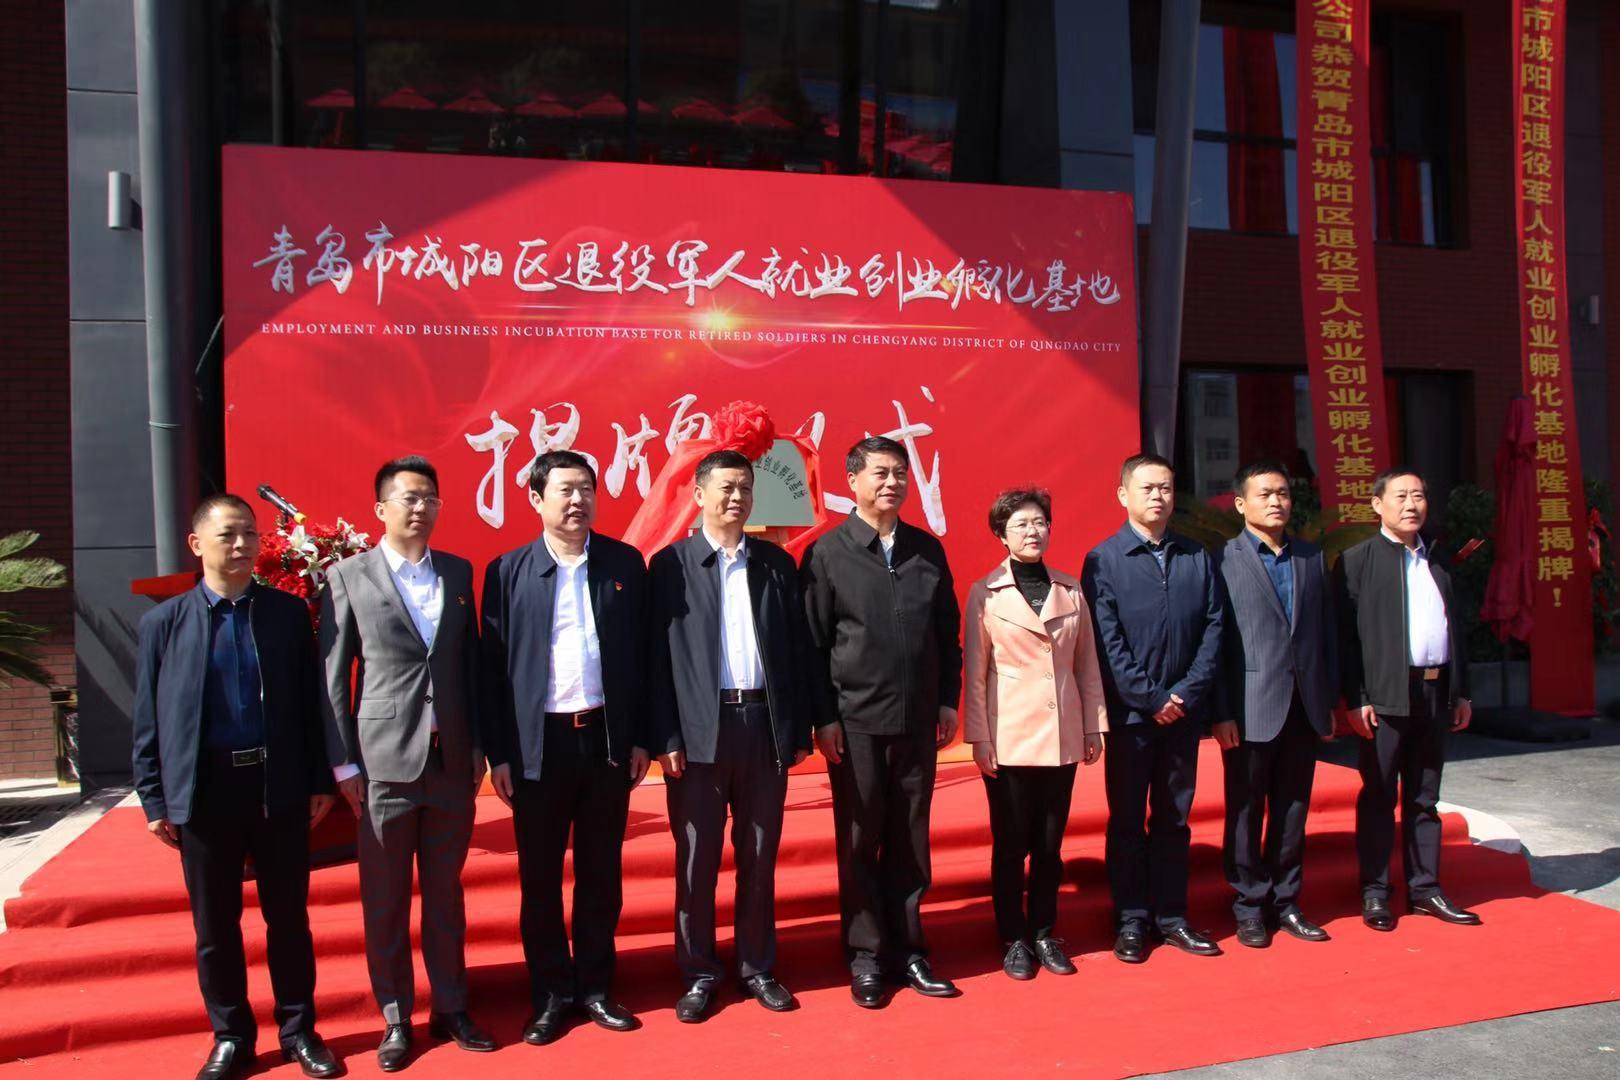 青岛市城阳区退役军人就业创业基地正式揭牌成立